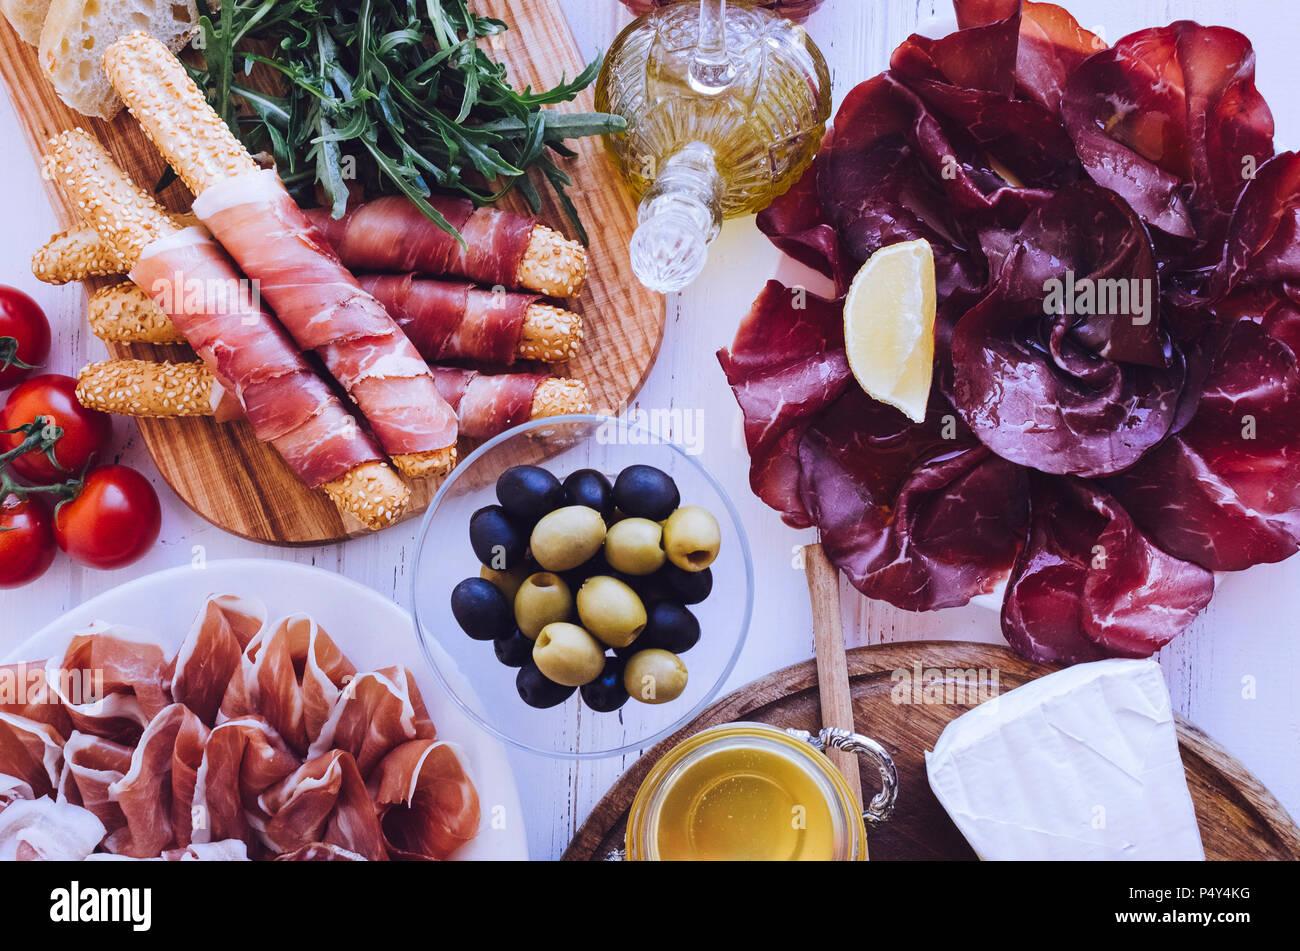 Mesa llena de aperitivos, tapas mediterráneas o aperitivo. Surtido de comida italiana. Delicioso snack en parte o tiempo de picnic. Tabla de Cortar conmigo Imagen De Stock